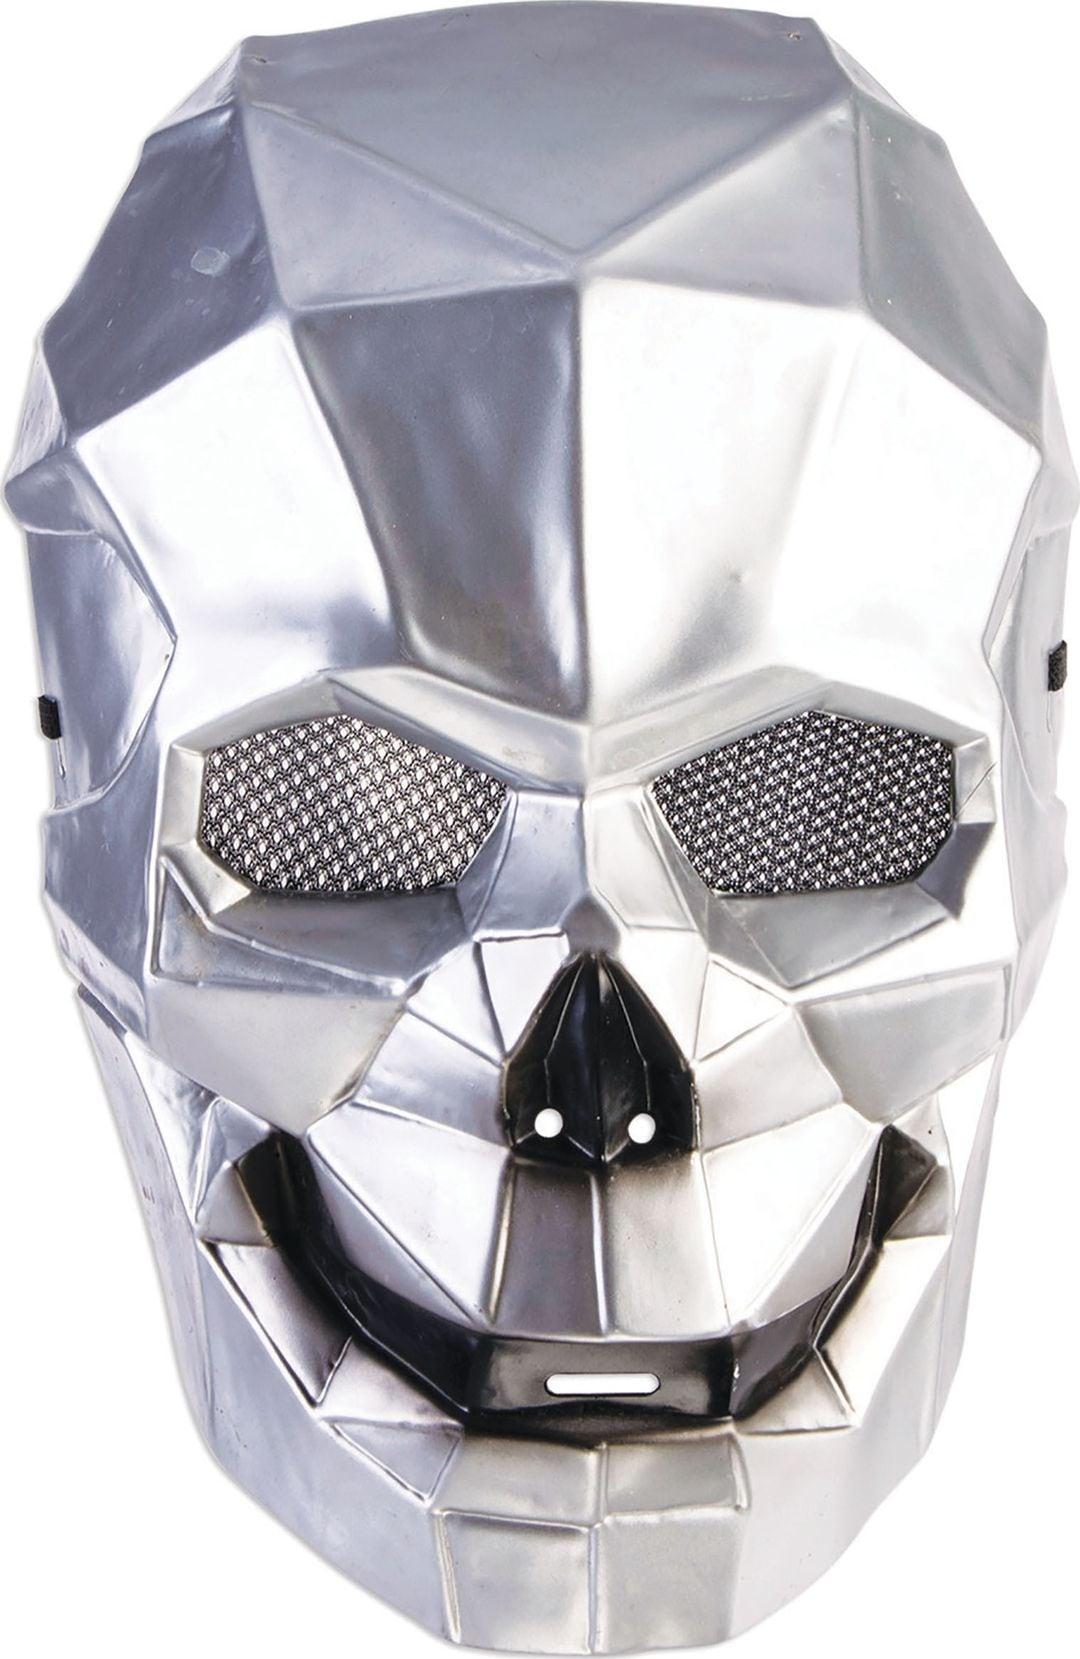 Cyborg schedel masker